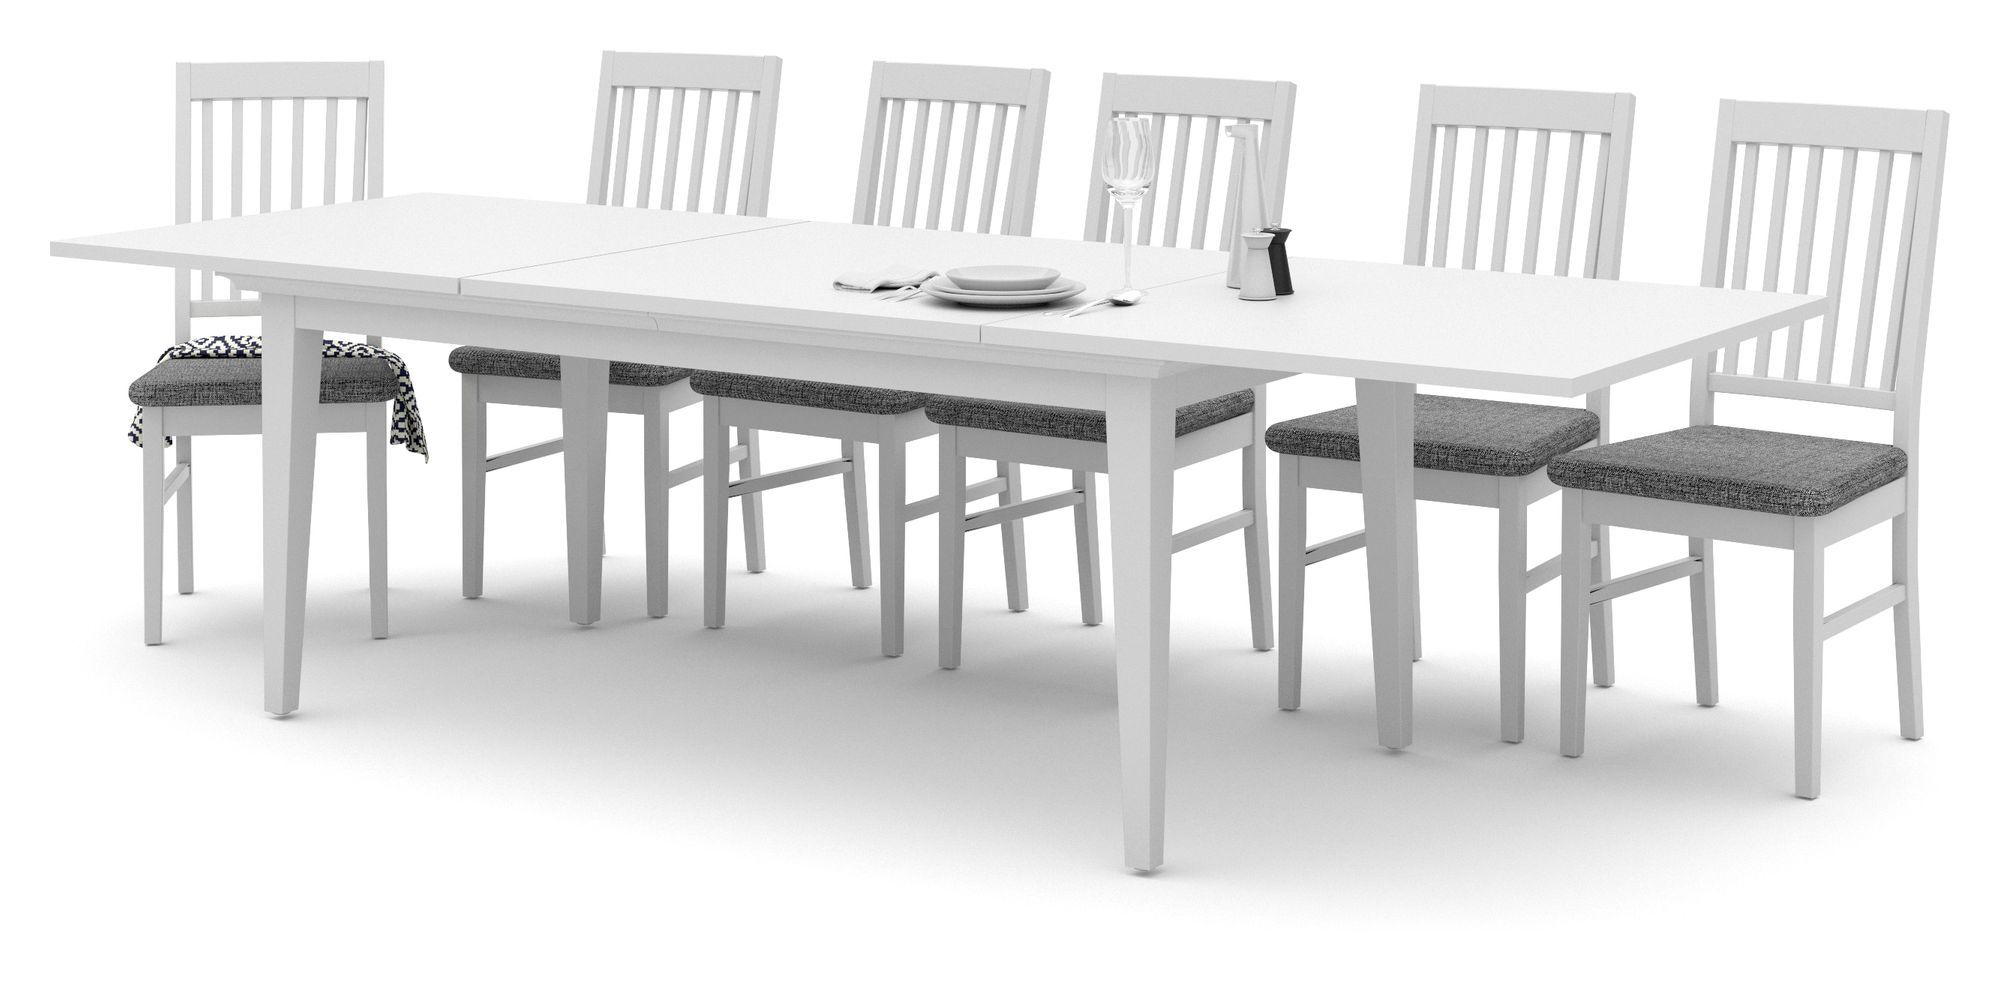 Paris Spisebord Tillægsplade - Hvid - 2 tillægsplader i hvid